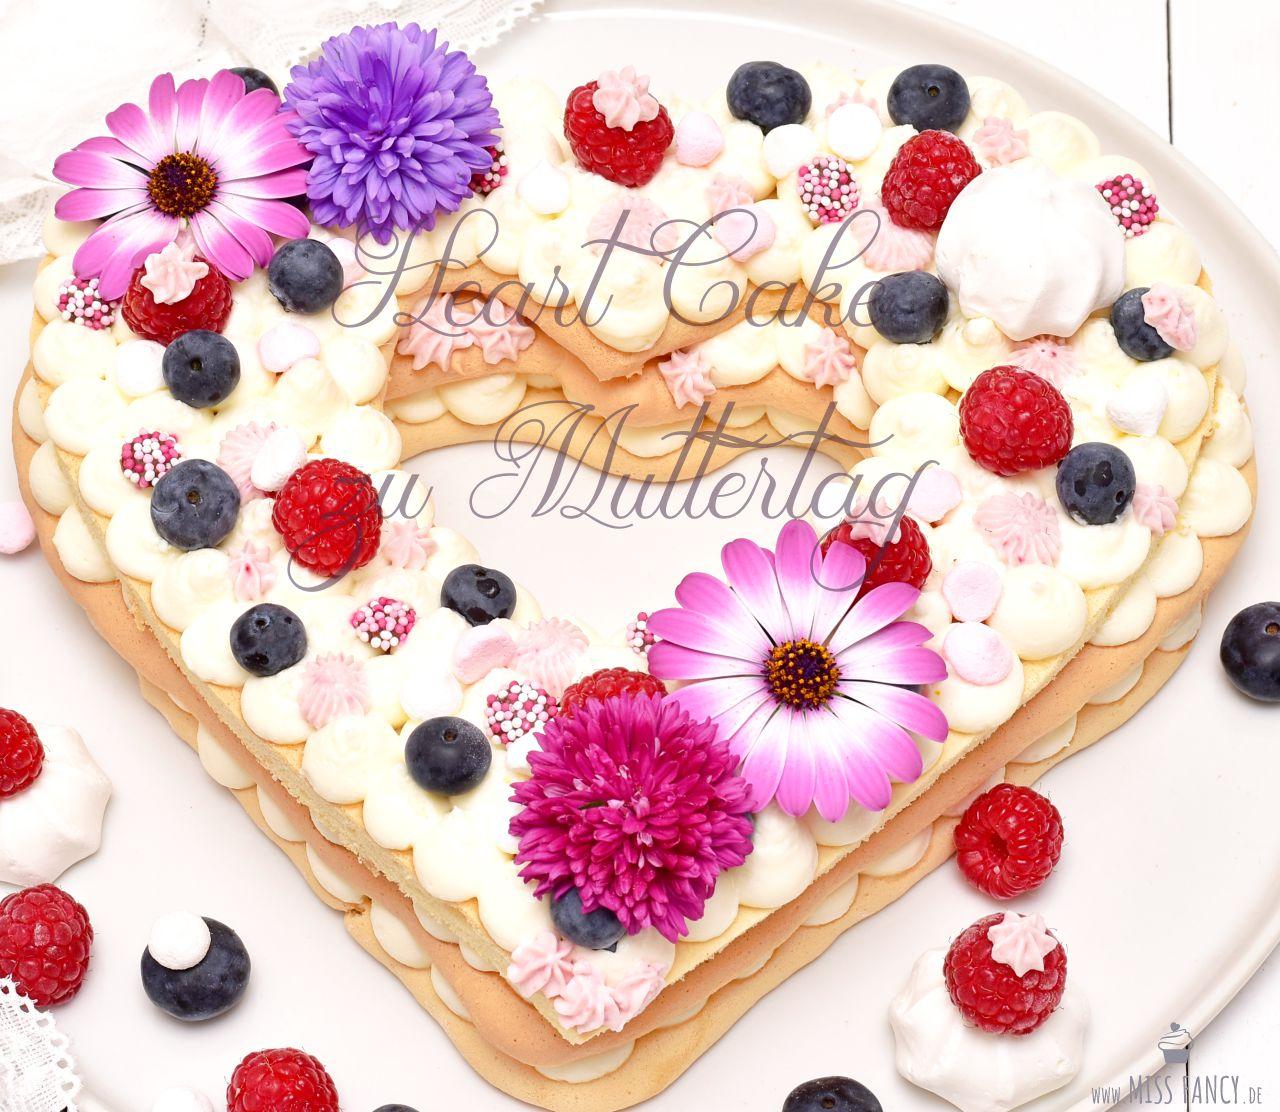 Rezept-Letter-Cake-Heart-Cake-Muttertag-Kuchentrend